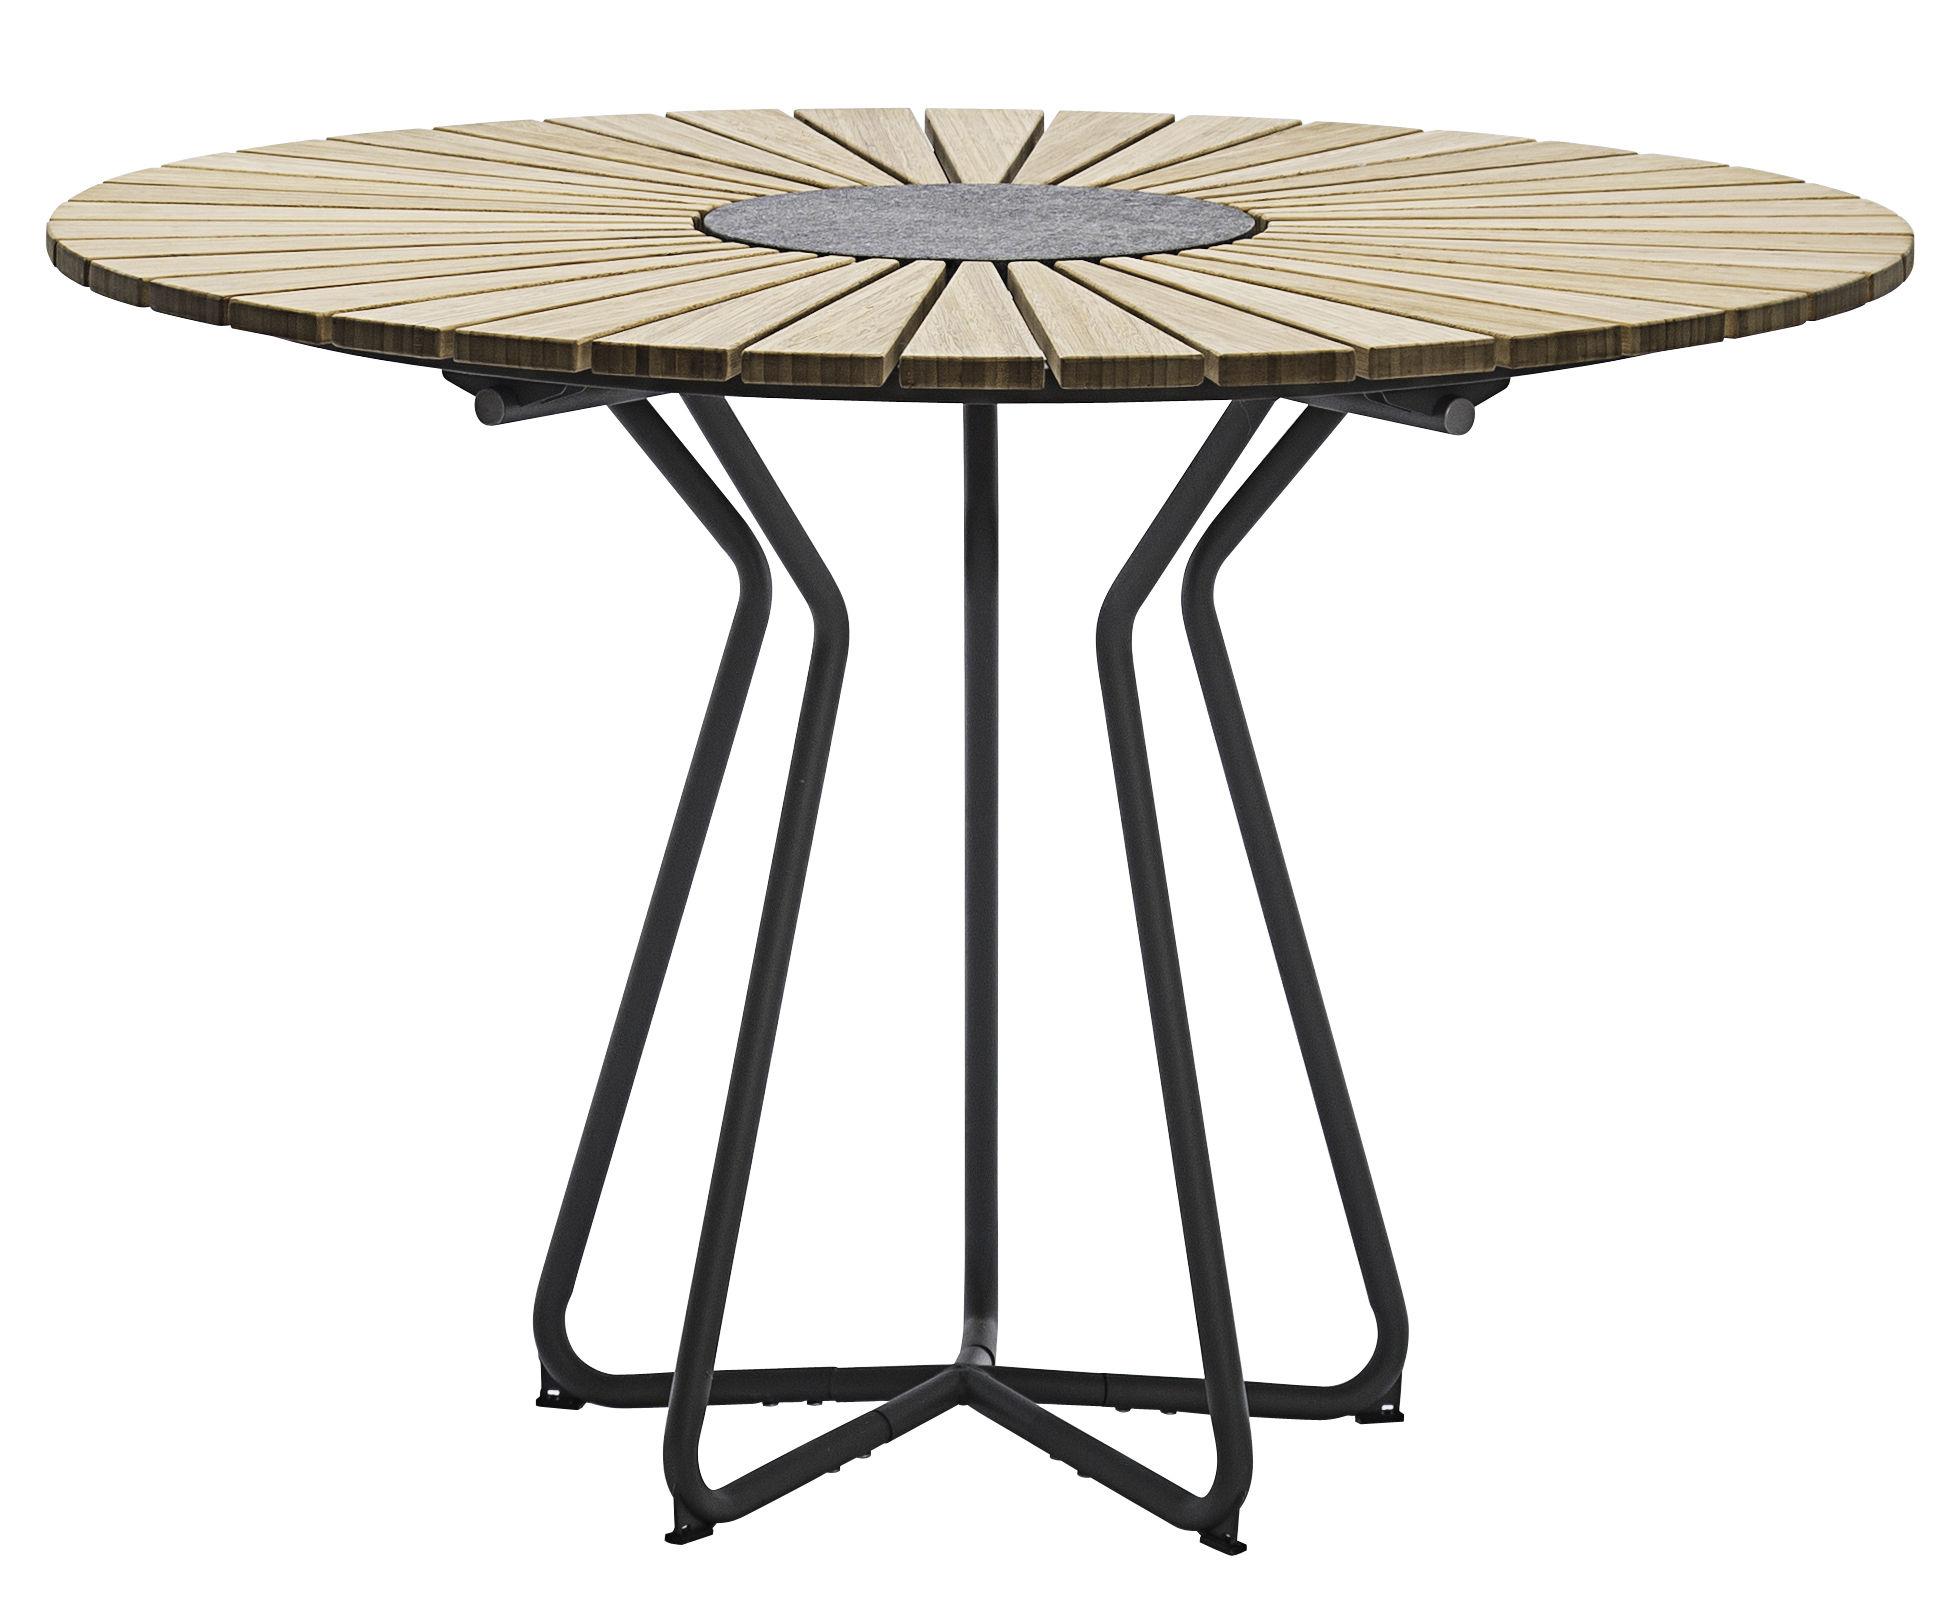 Jardin - Tables de jardin - Table de jardin Circle /  Ø 110 cm - Bambou & granit - Houe - Bambou / Piètement gris - Bambou, Granit, Métal laqué époxy